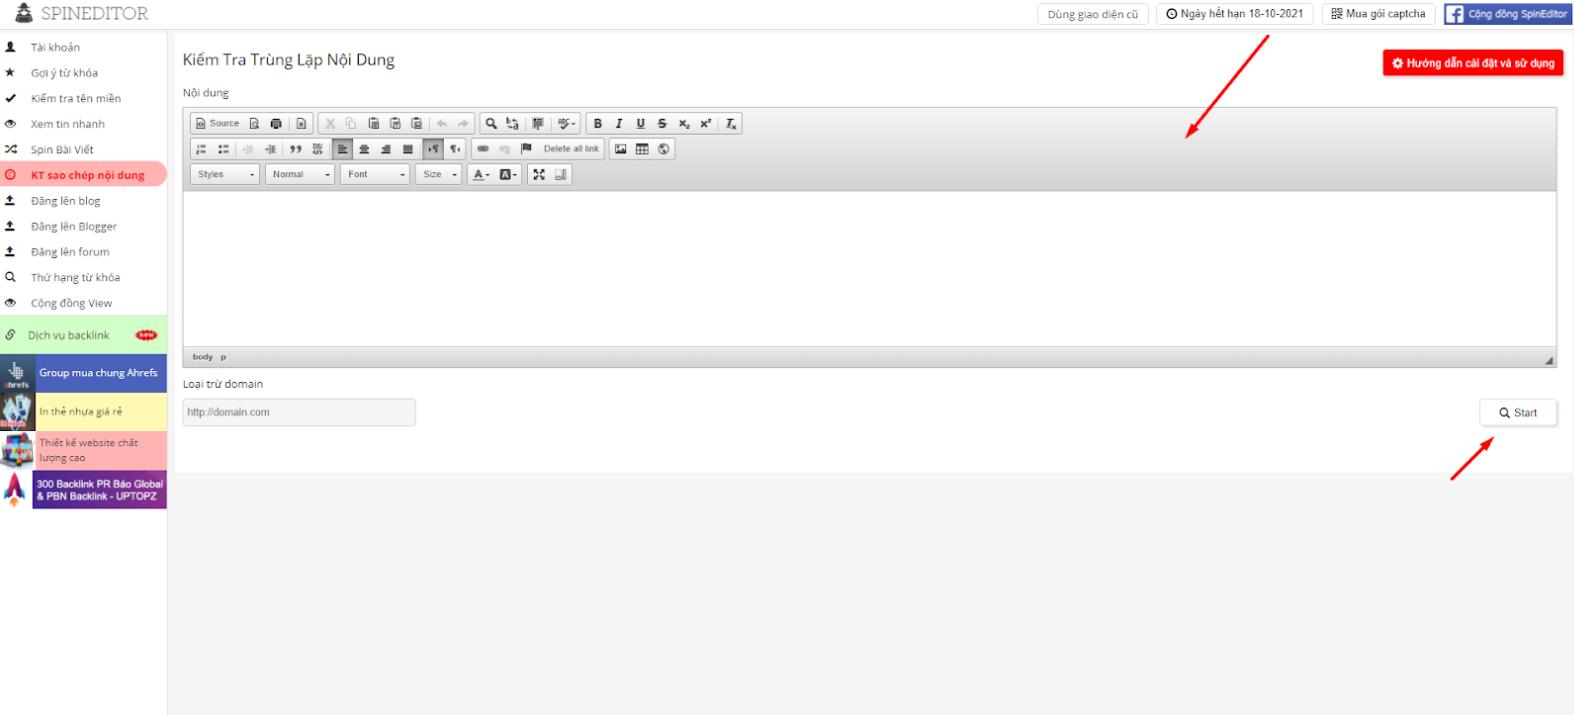 Spineditor - Công cụ kiểm tra trùng lặp nội dung online